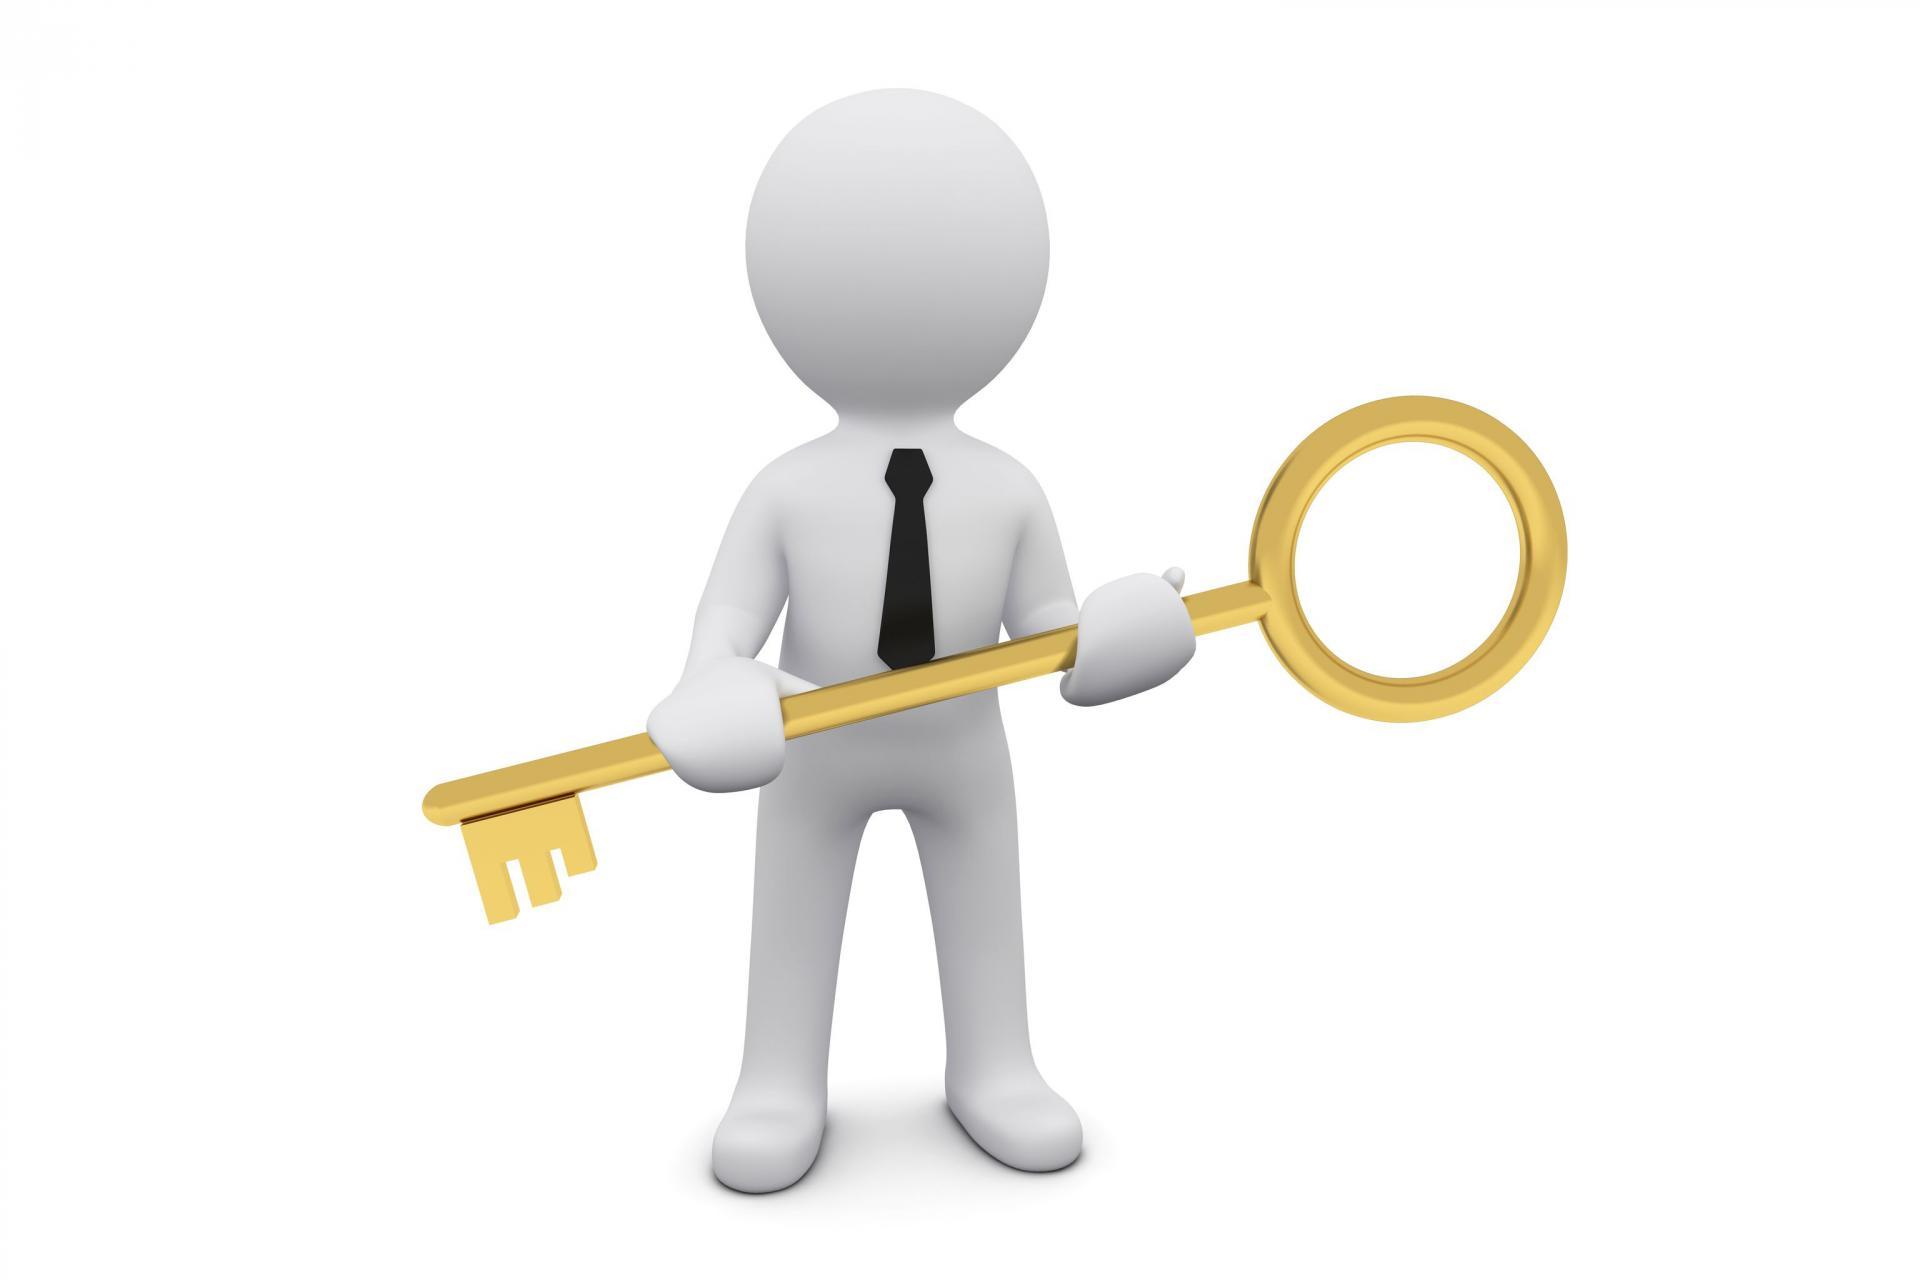 человек с ключом